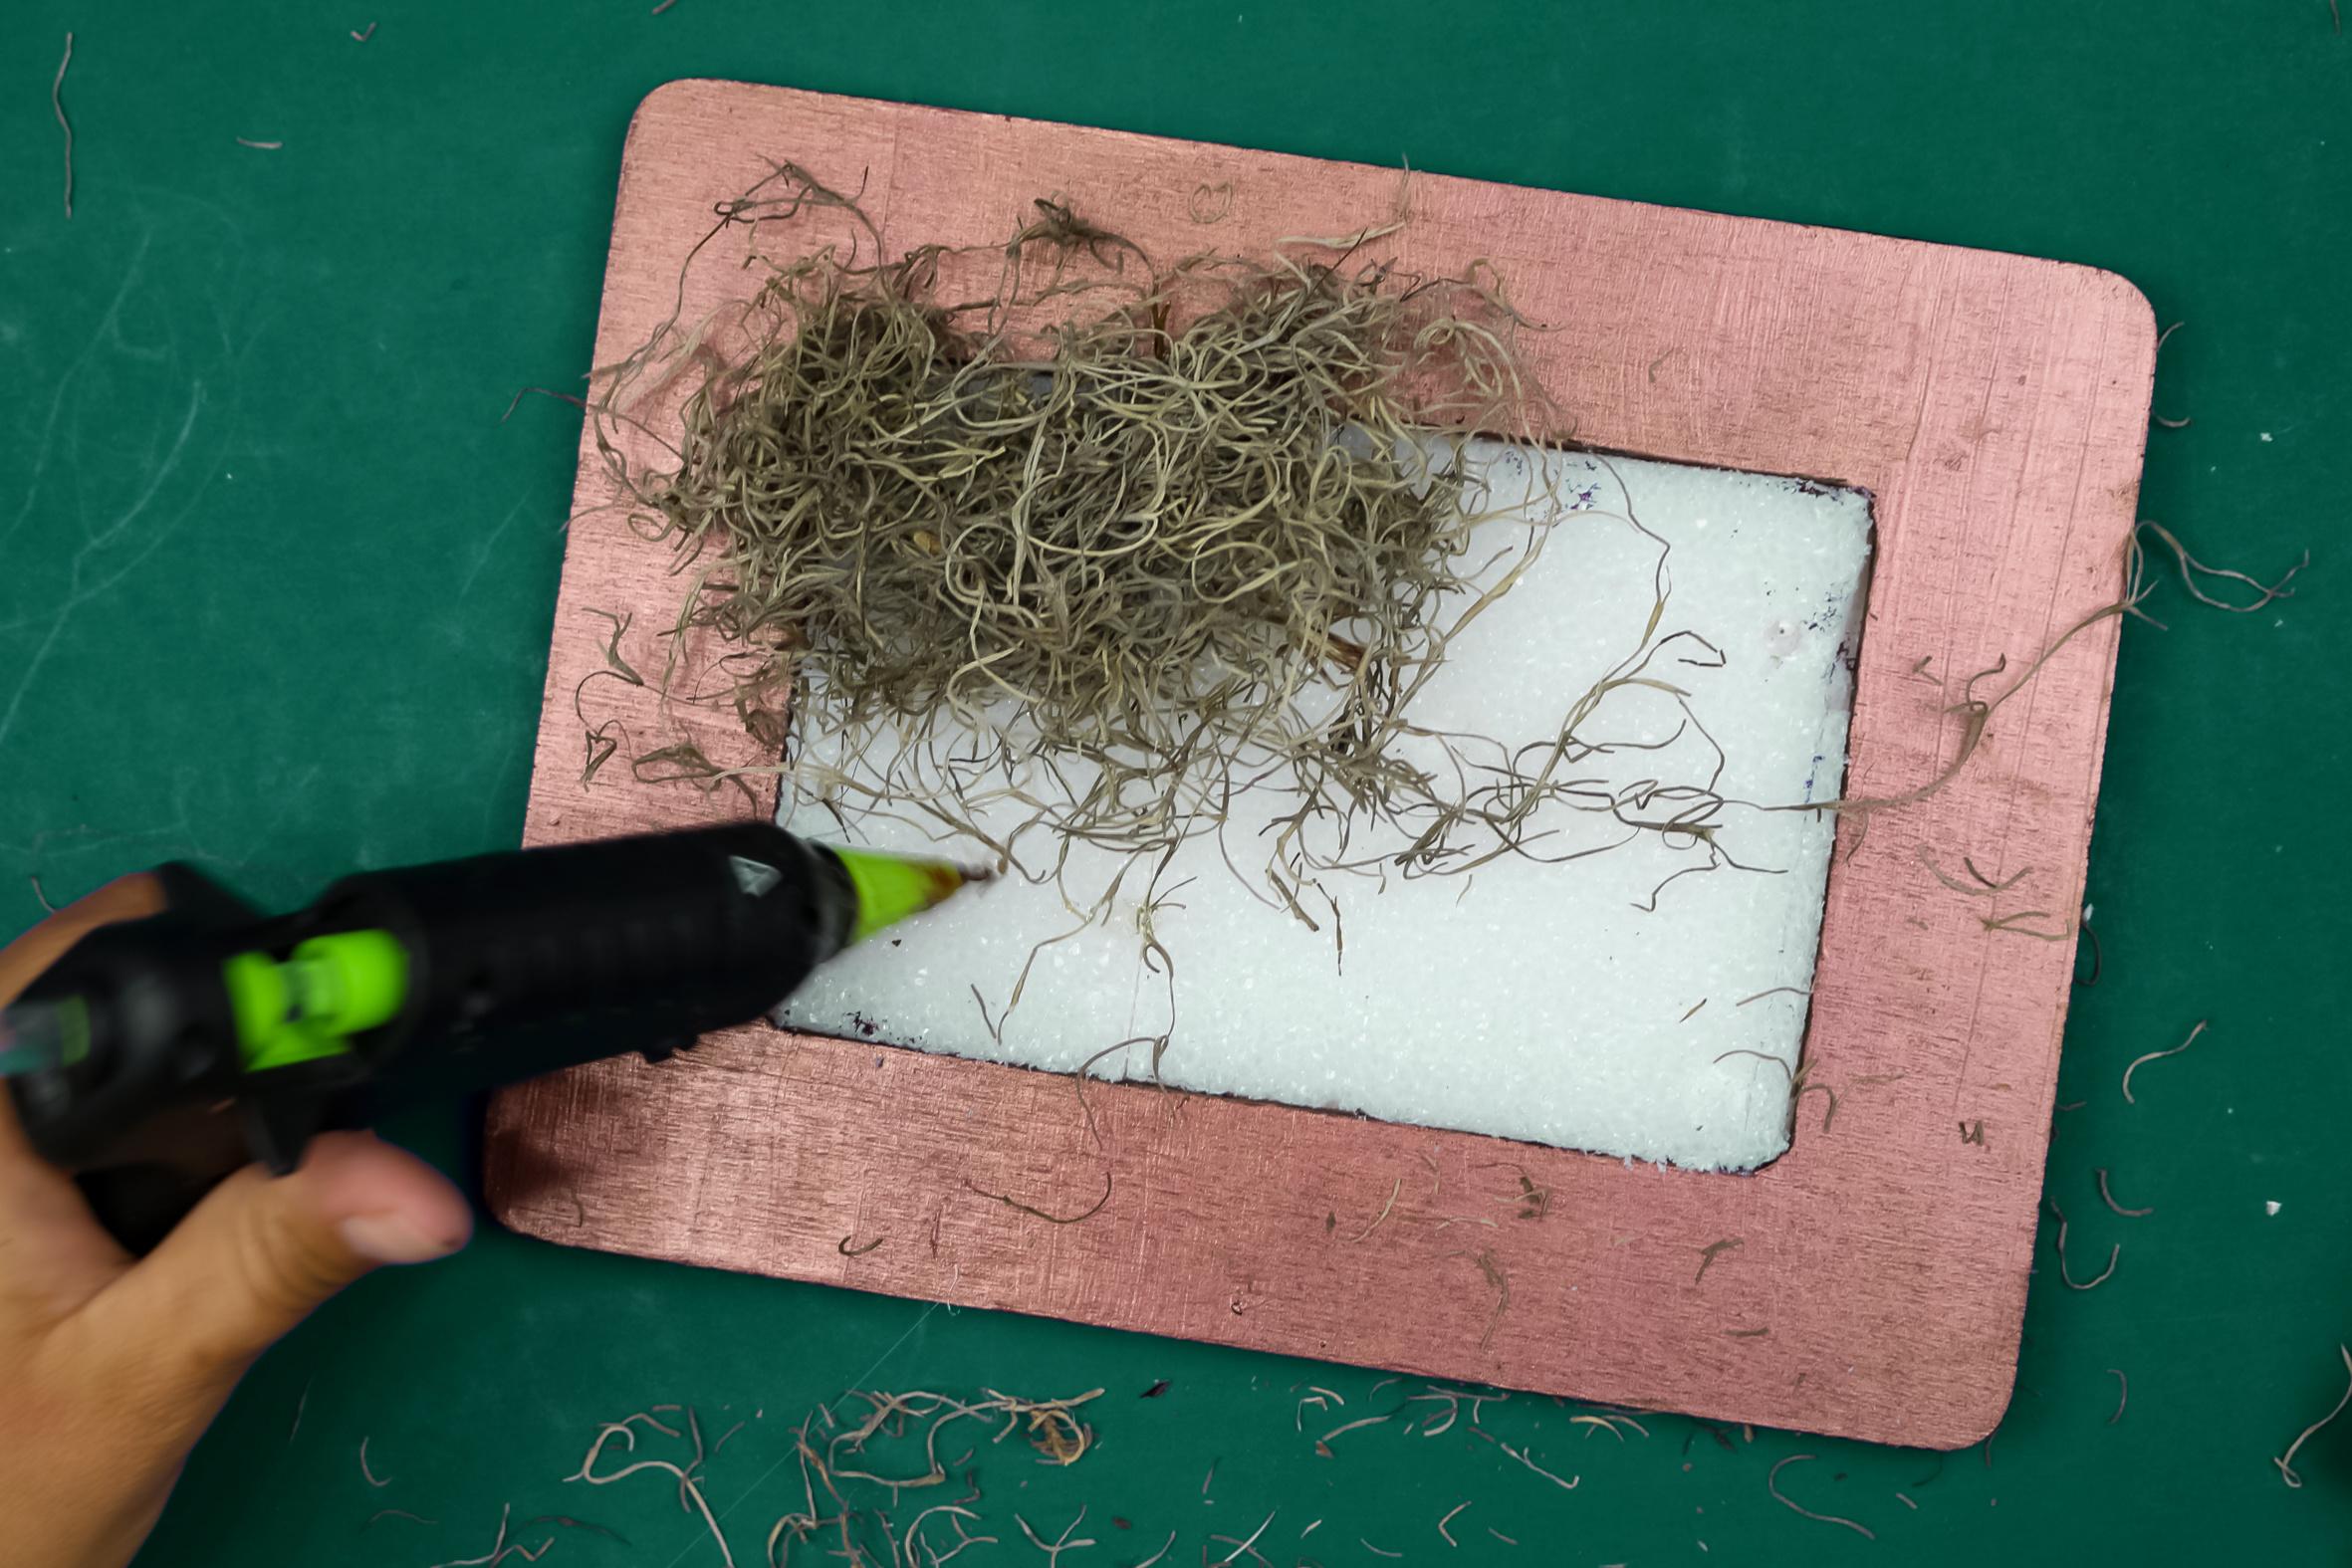 glue gun and spagnum moss in a frame